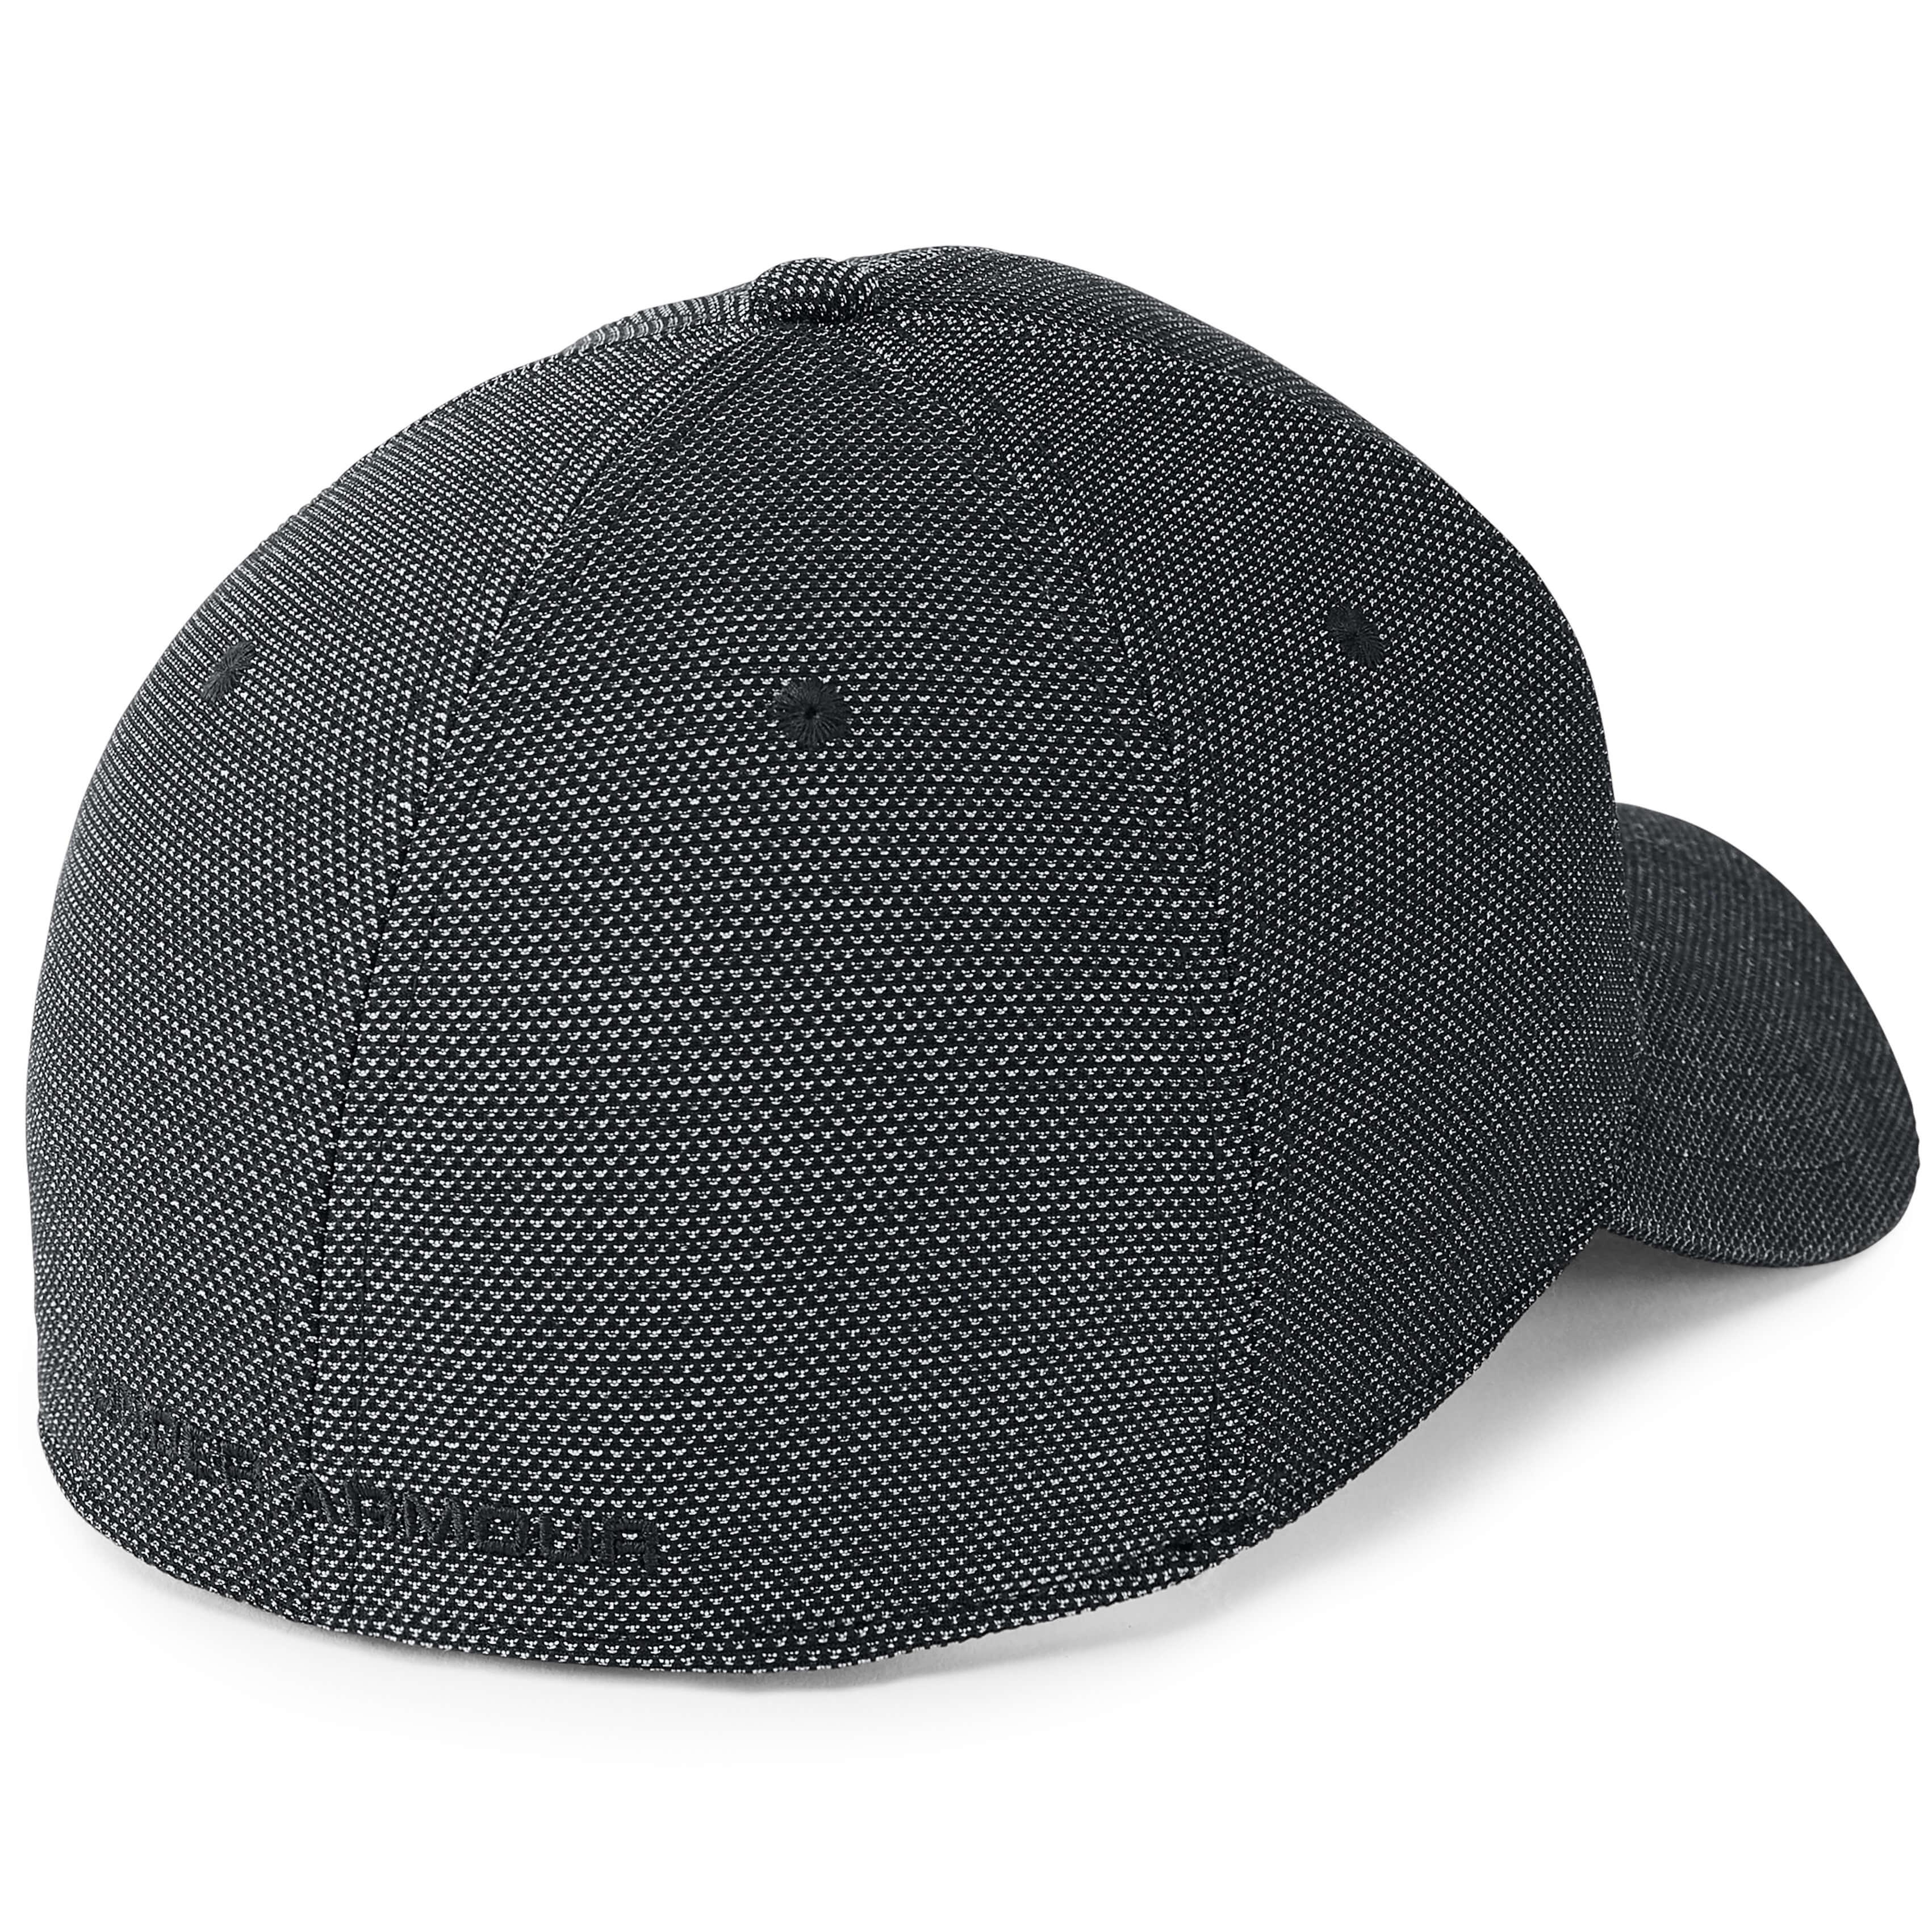 Under-Armour-Gris-Blitzing-3-0-Golf-HeatGear-Coupe-Extensible-Chapeau-Bonnet miniature 3